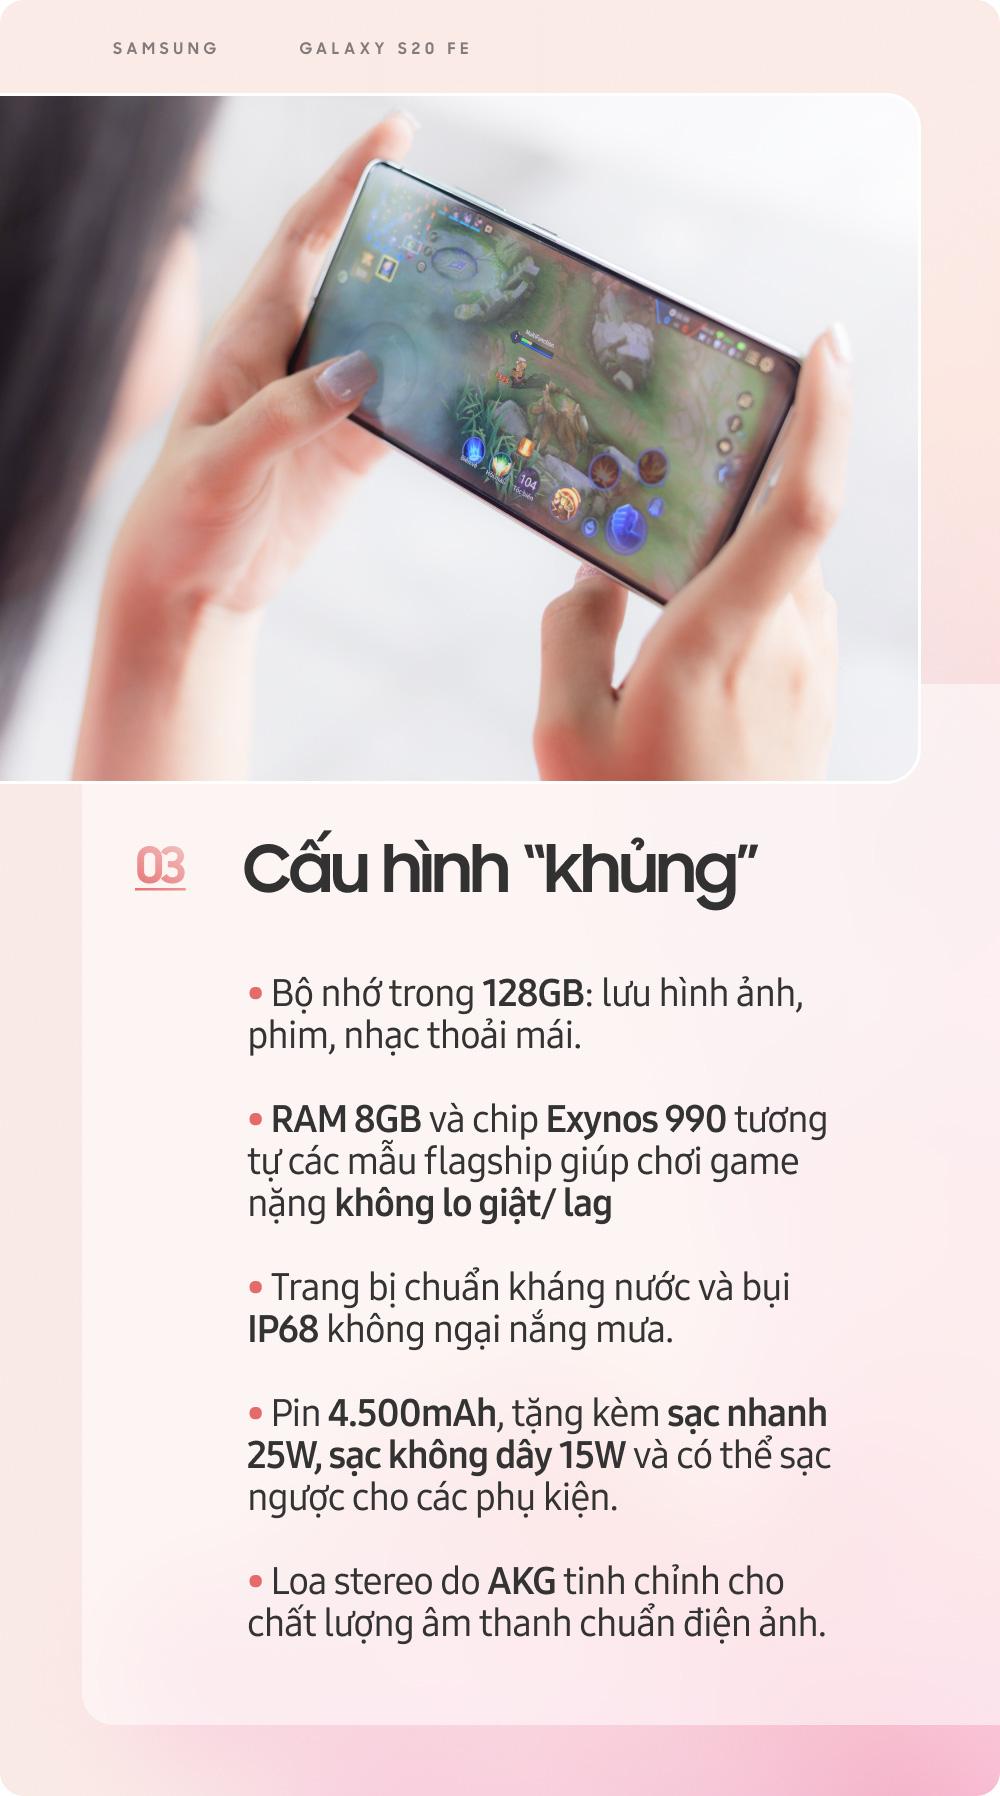 Samsung Galaxy S20 FE: Smartphone dành cho giới trẻ sành điệu - Ảnh 4.